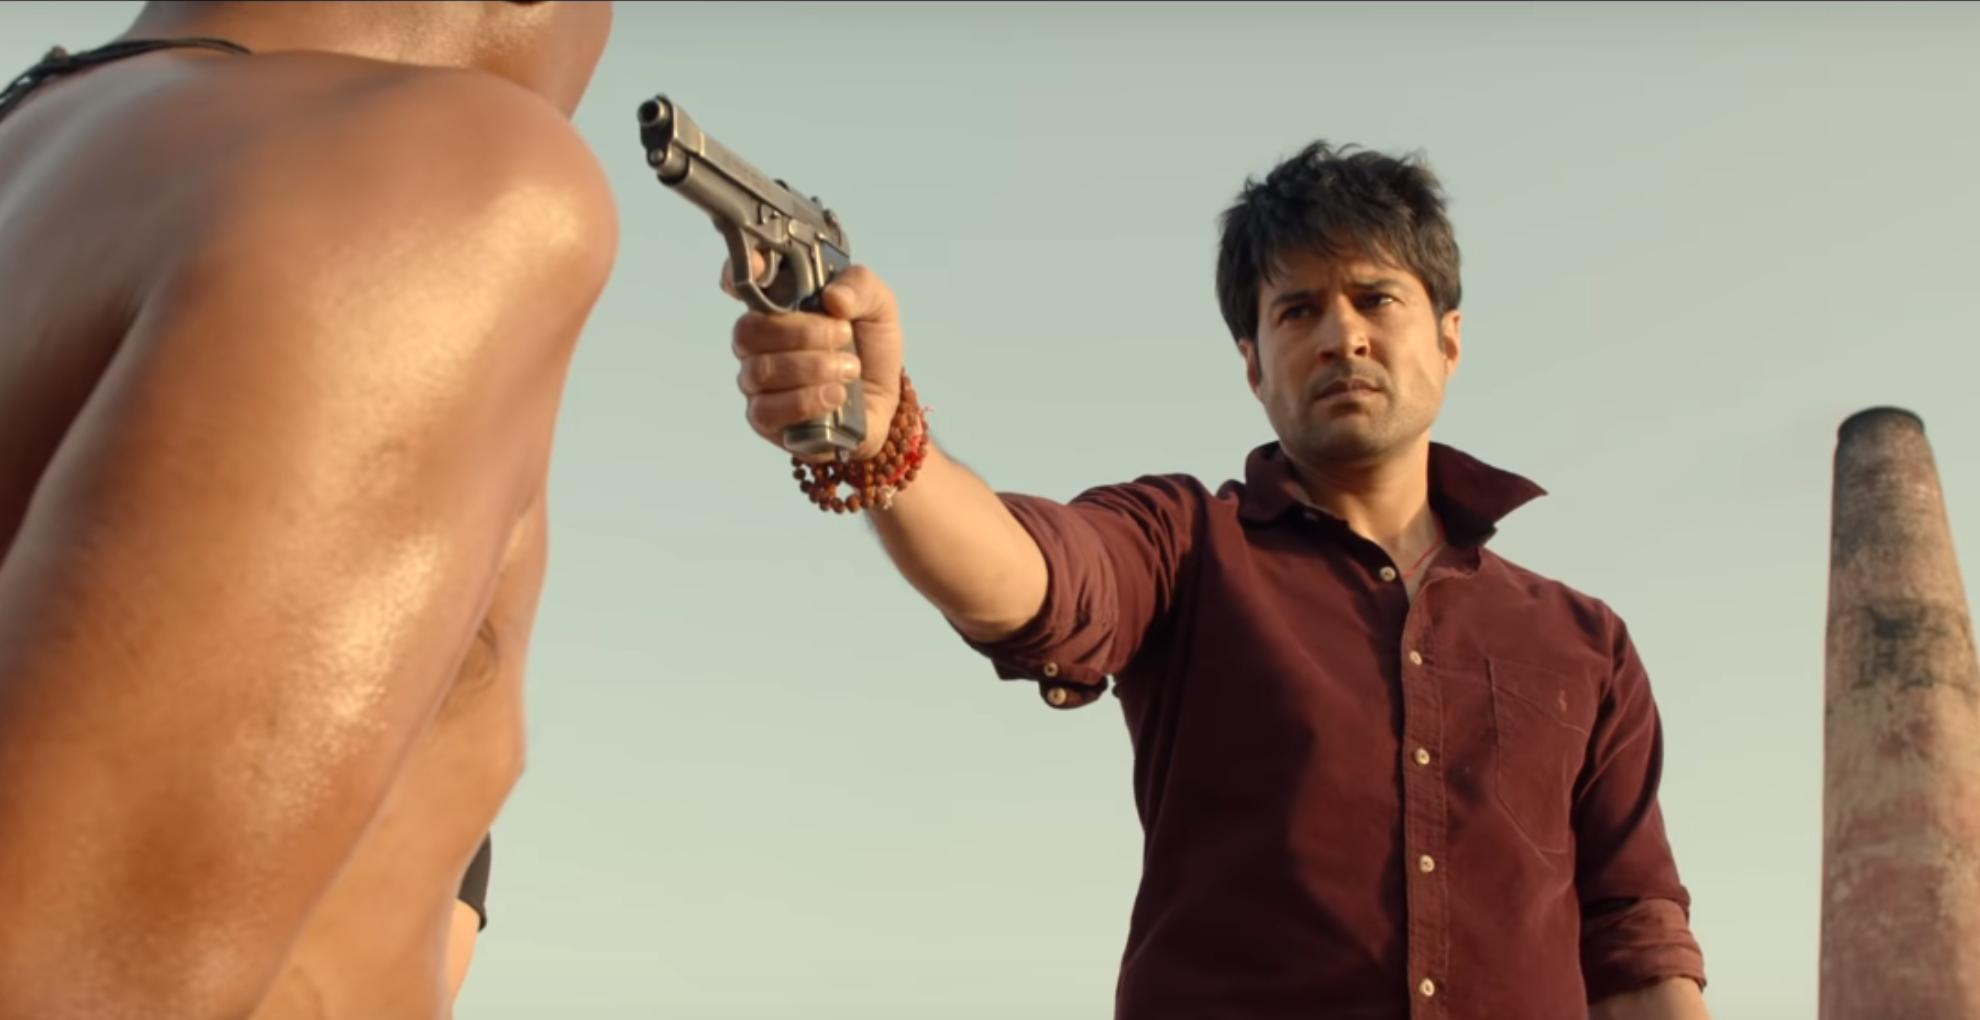 Pranaam Movie Trailer: राजीव खंडेलवाल की फिल्म का दमदार ट्रेलर हुआ लॉन्च, साजिशों का शिकार होते नजर आए एक्टर